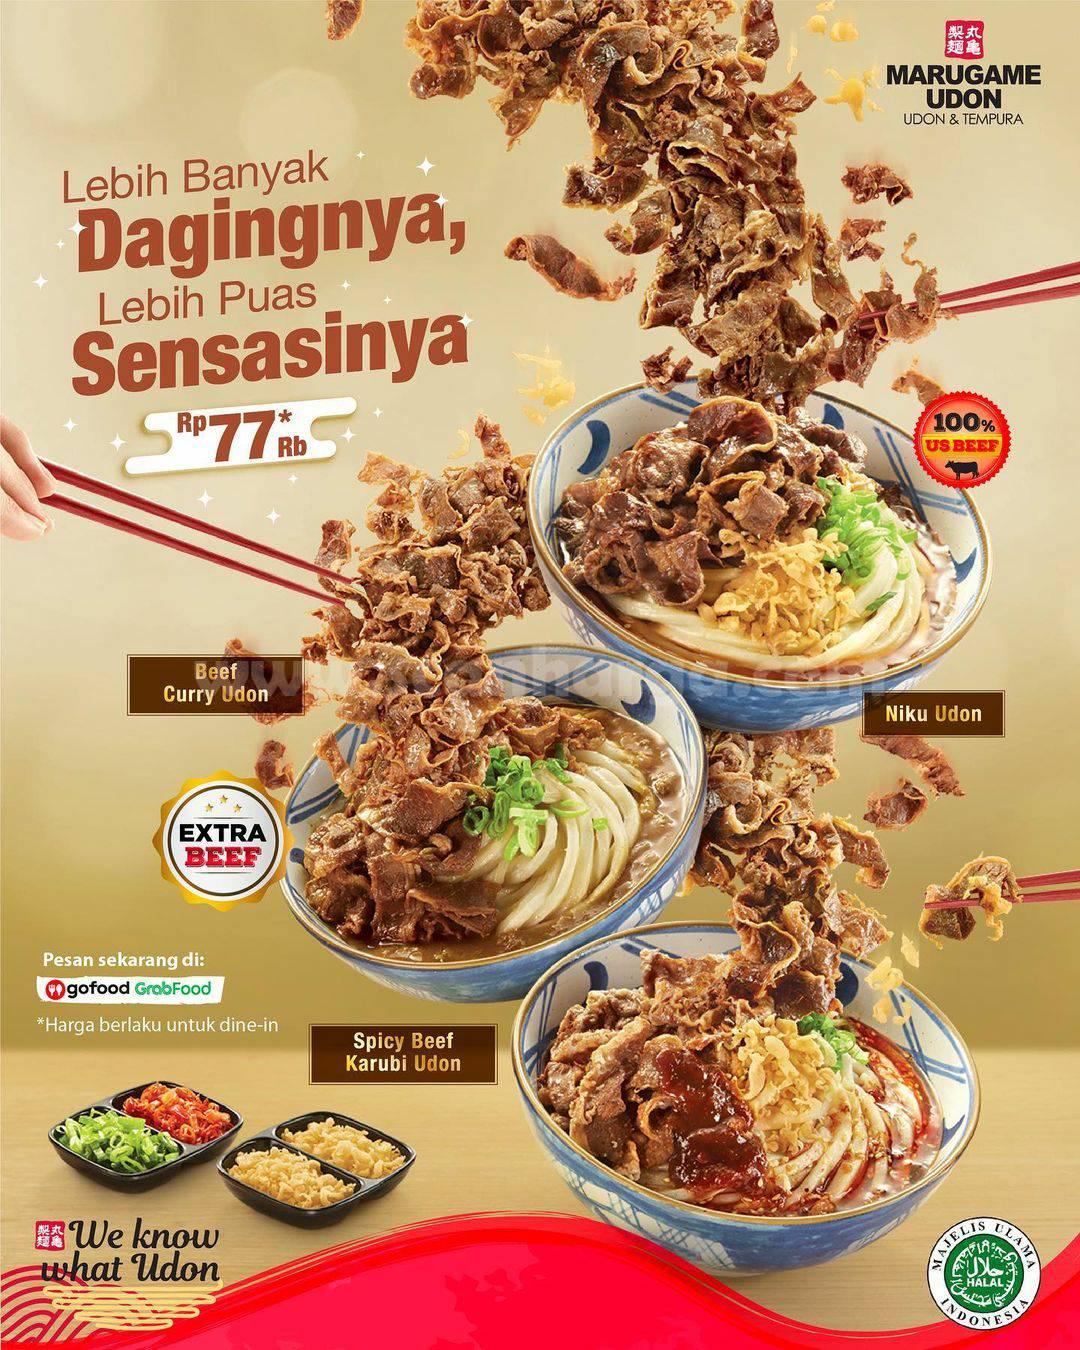 Marugame Udon Menu Extra 100% Us Sukiyaki Beef harga hanya Rp 77.000*